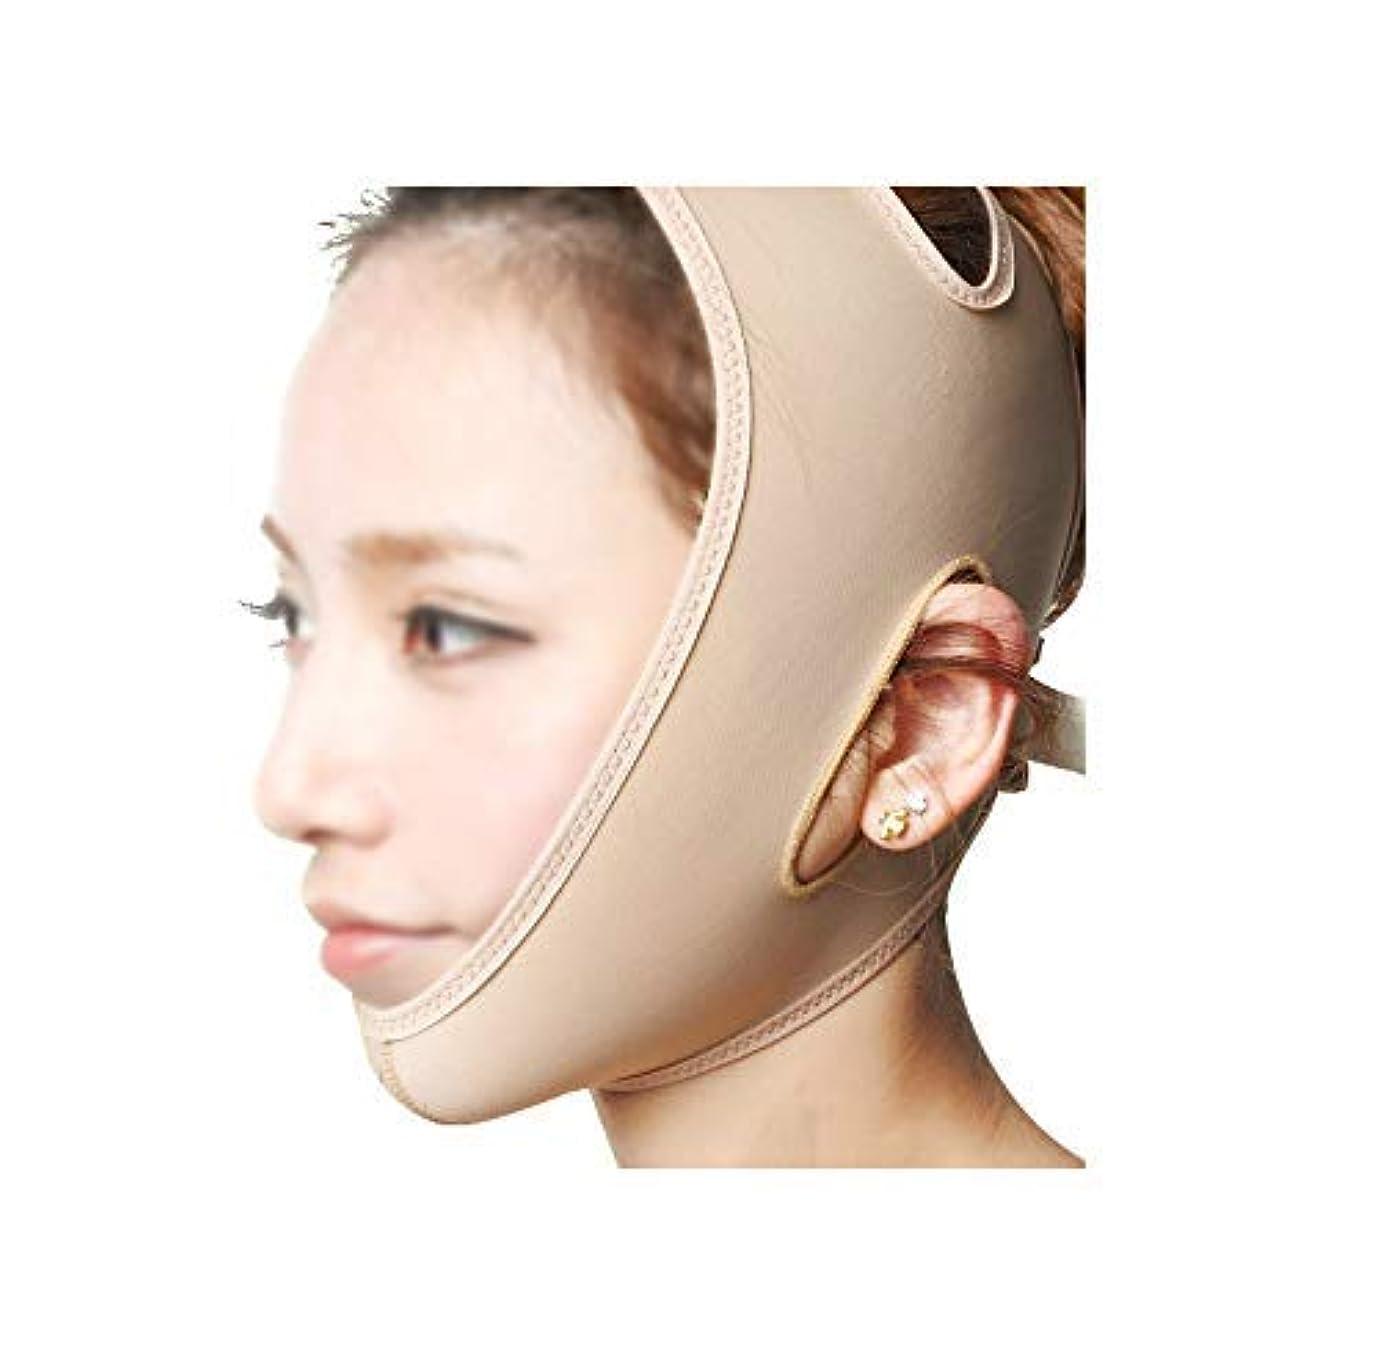 ロシアホースアドバイスフェイスリフティングバンデージVフェイスインスツルメントフェイスマスクアーティファクトフェイスリフティング引き締めフェイシャルマッサージ通気性肌のトーン(サイズ:xl),M